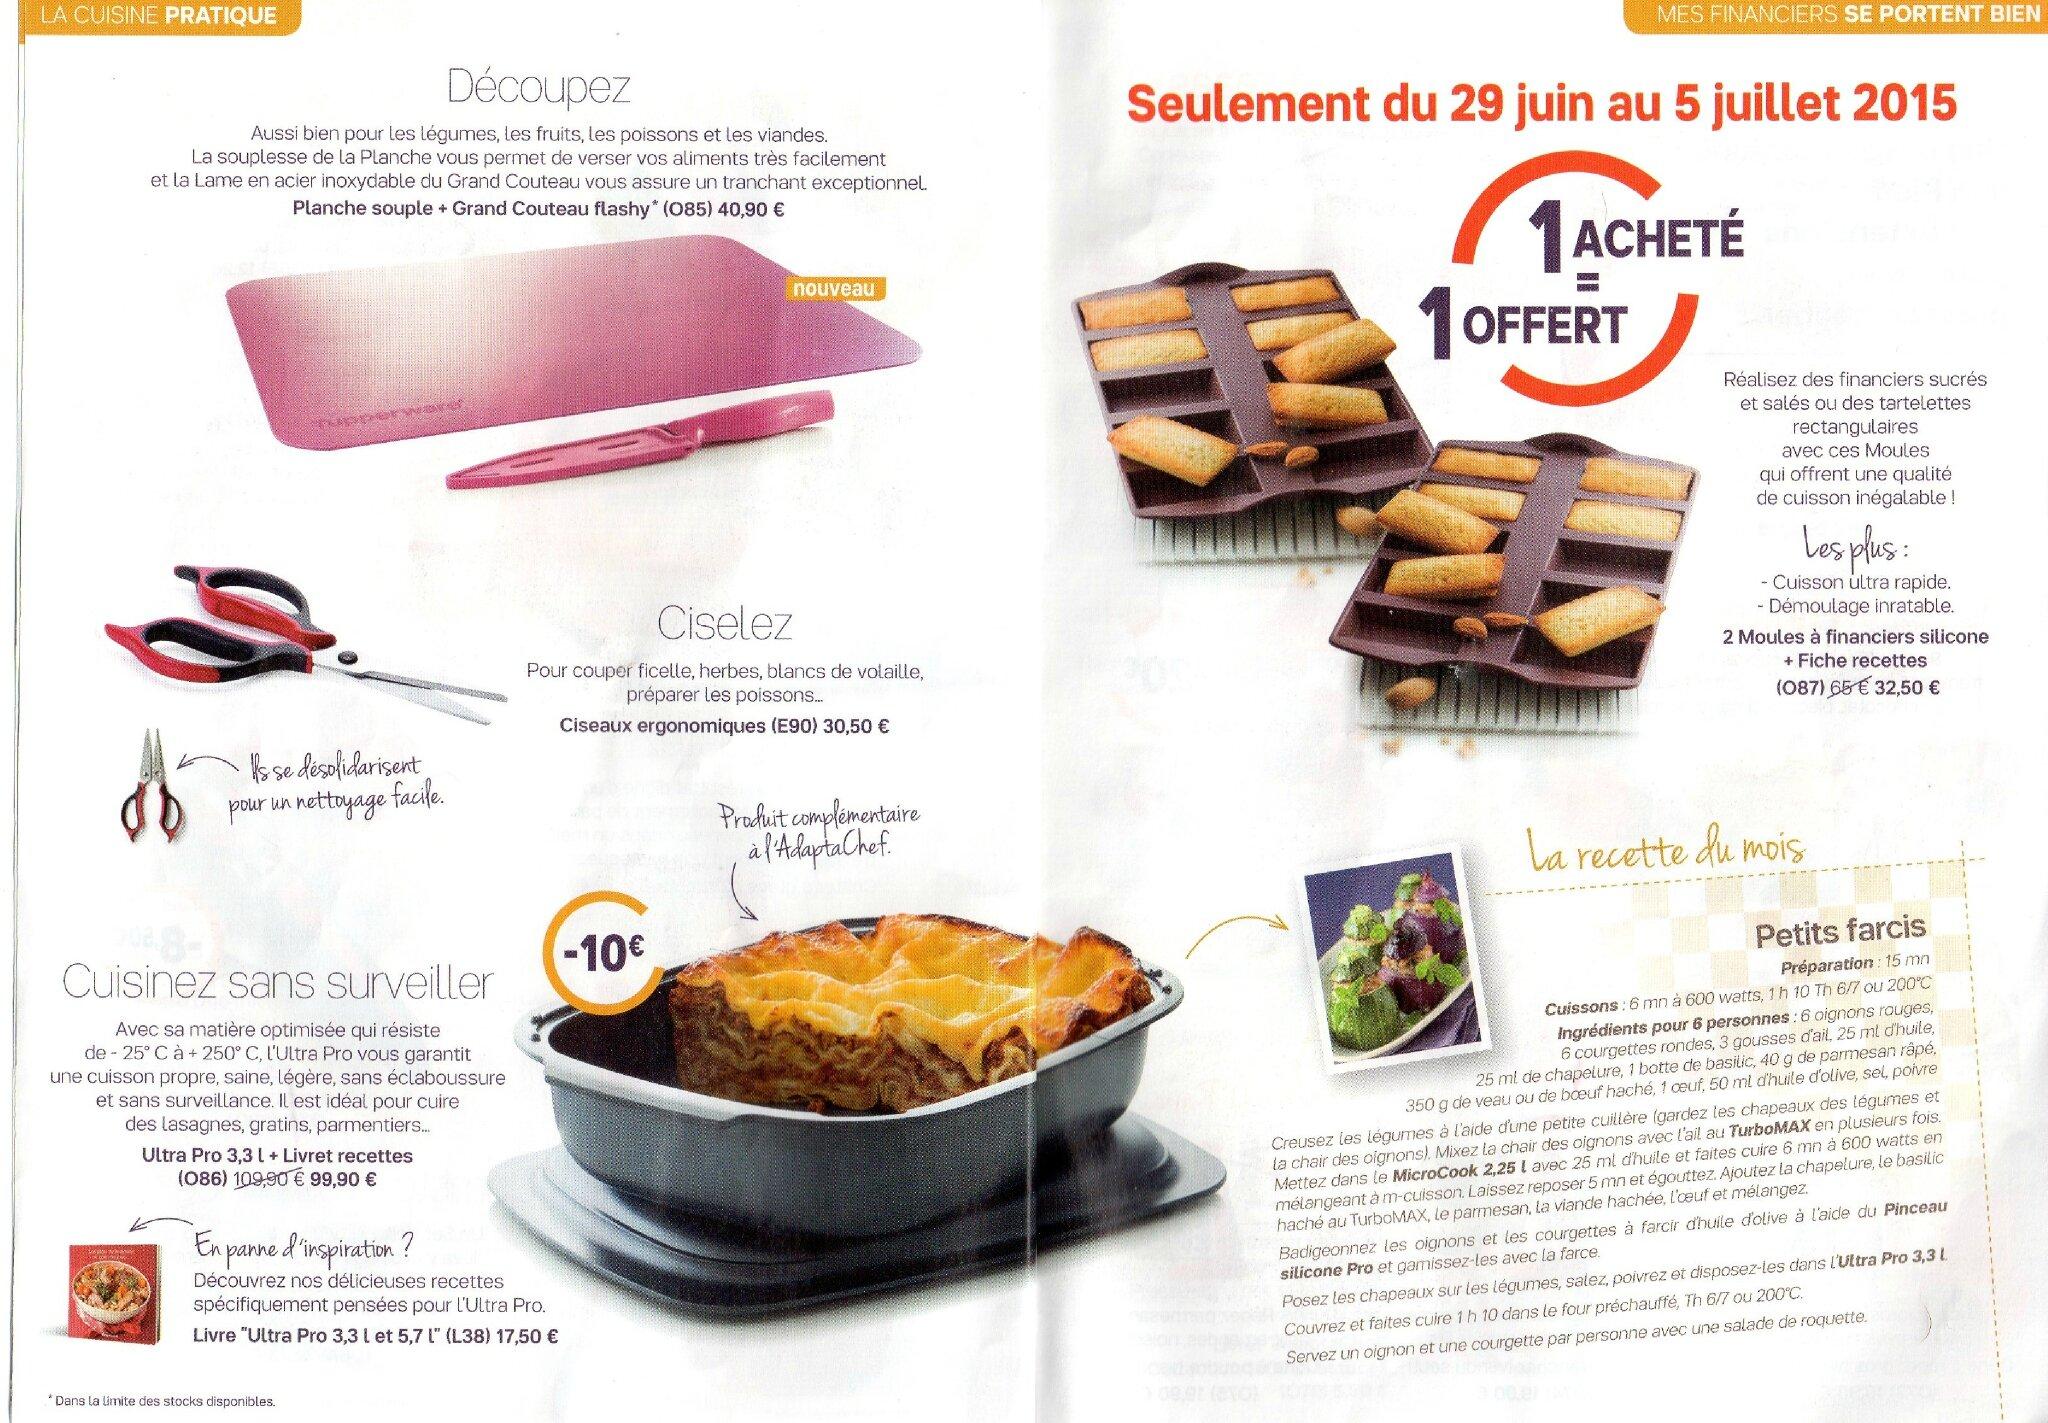 Tupperware Du Soleil Dans La Cuisine P4 5 Photo De Les Promos